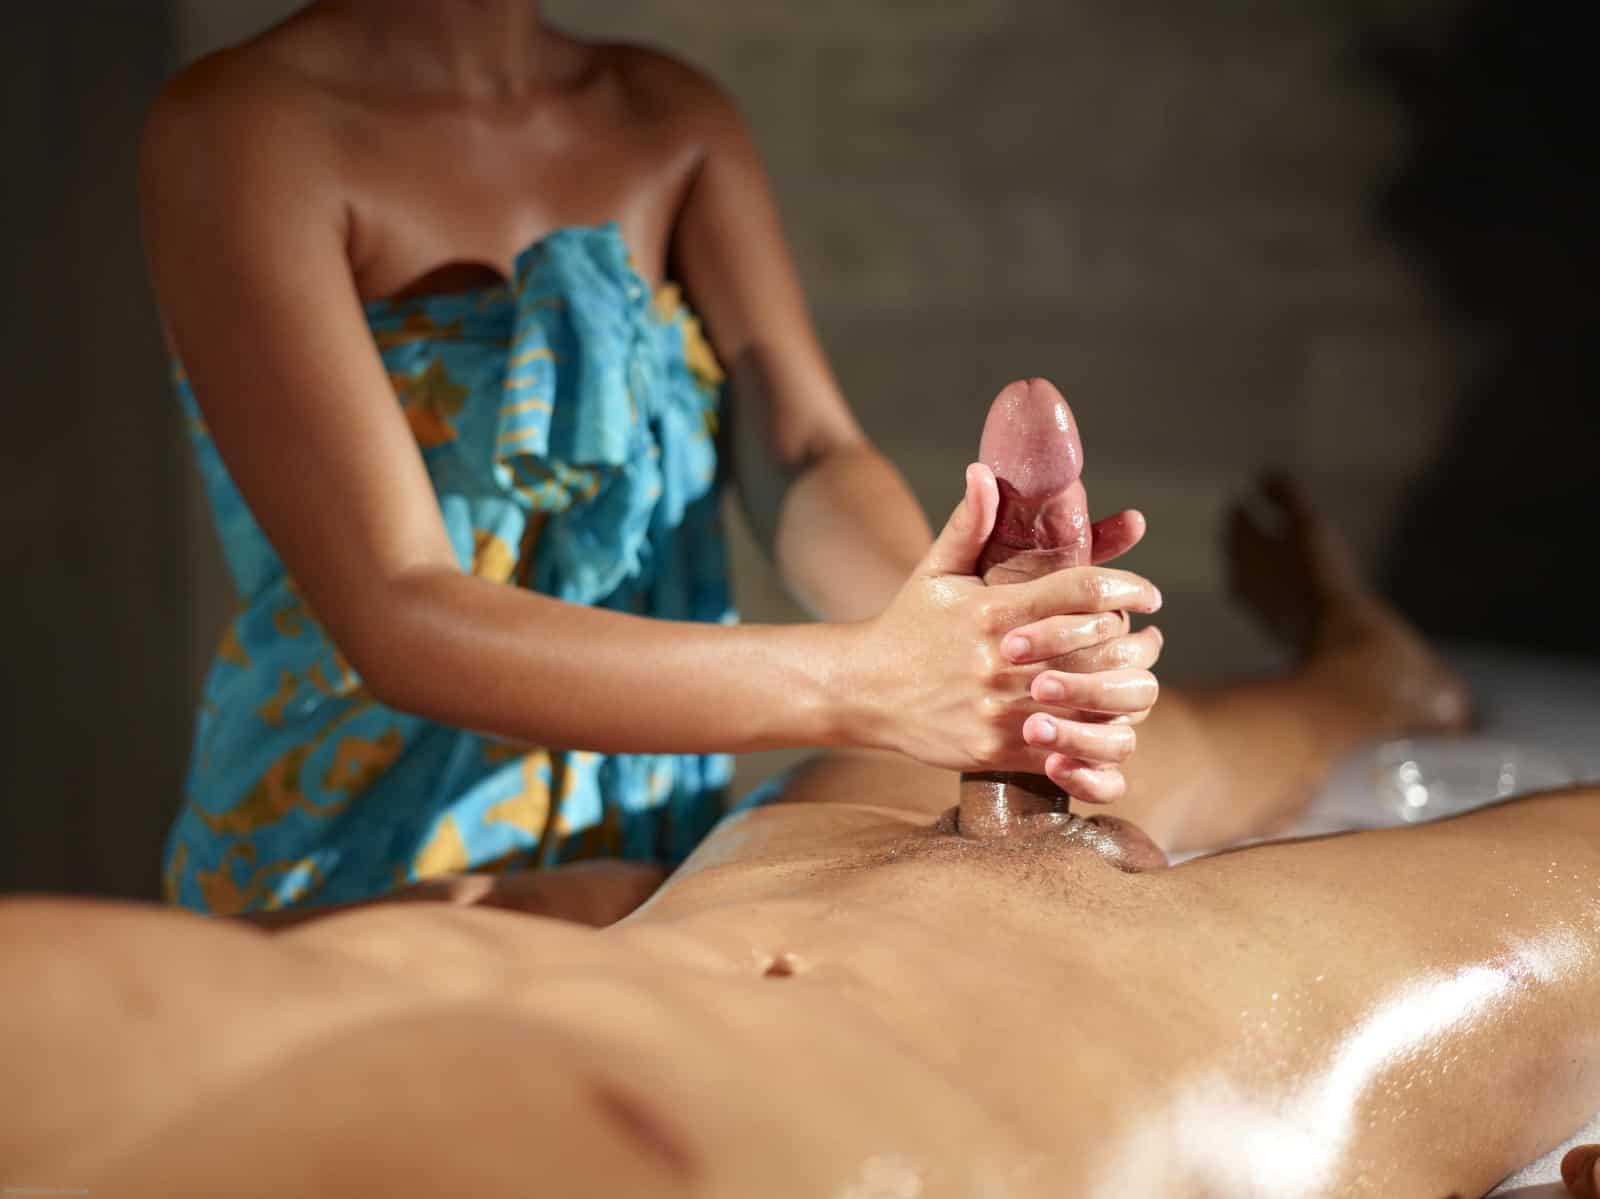 Como fazer uma massagem tântrica inesquecível no pênis do seu parceiro